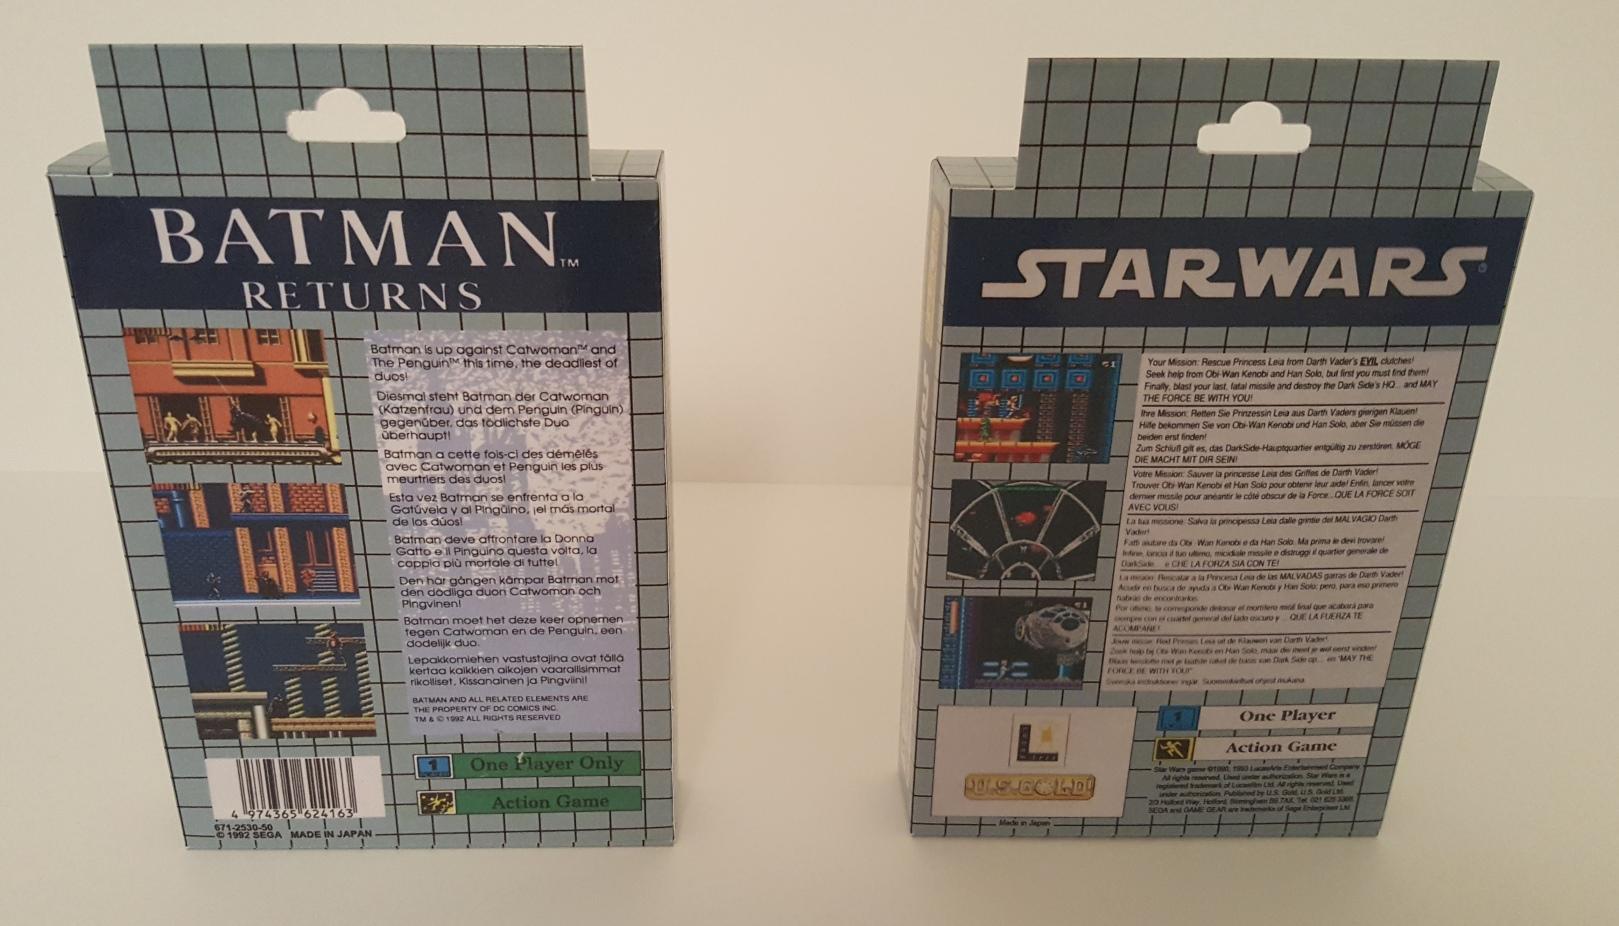 starwars-04.jpg